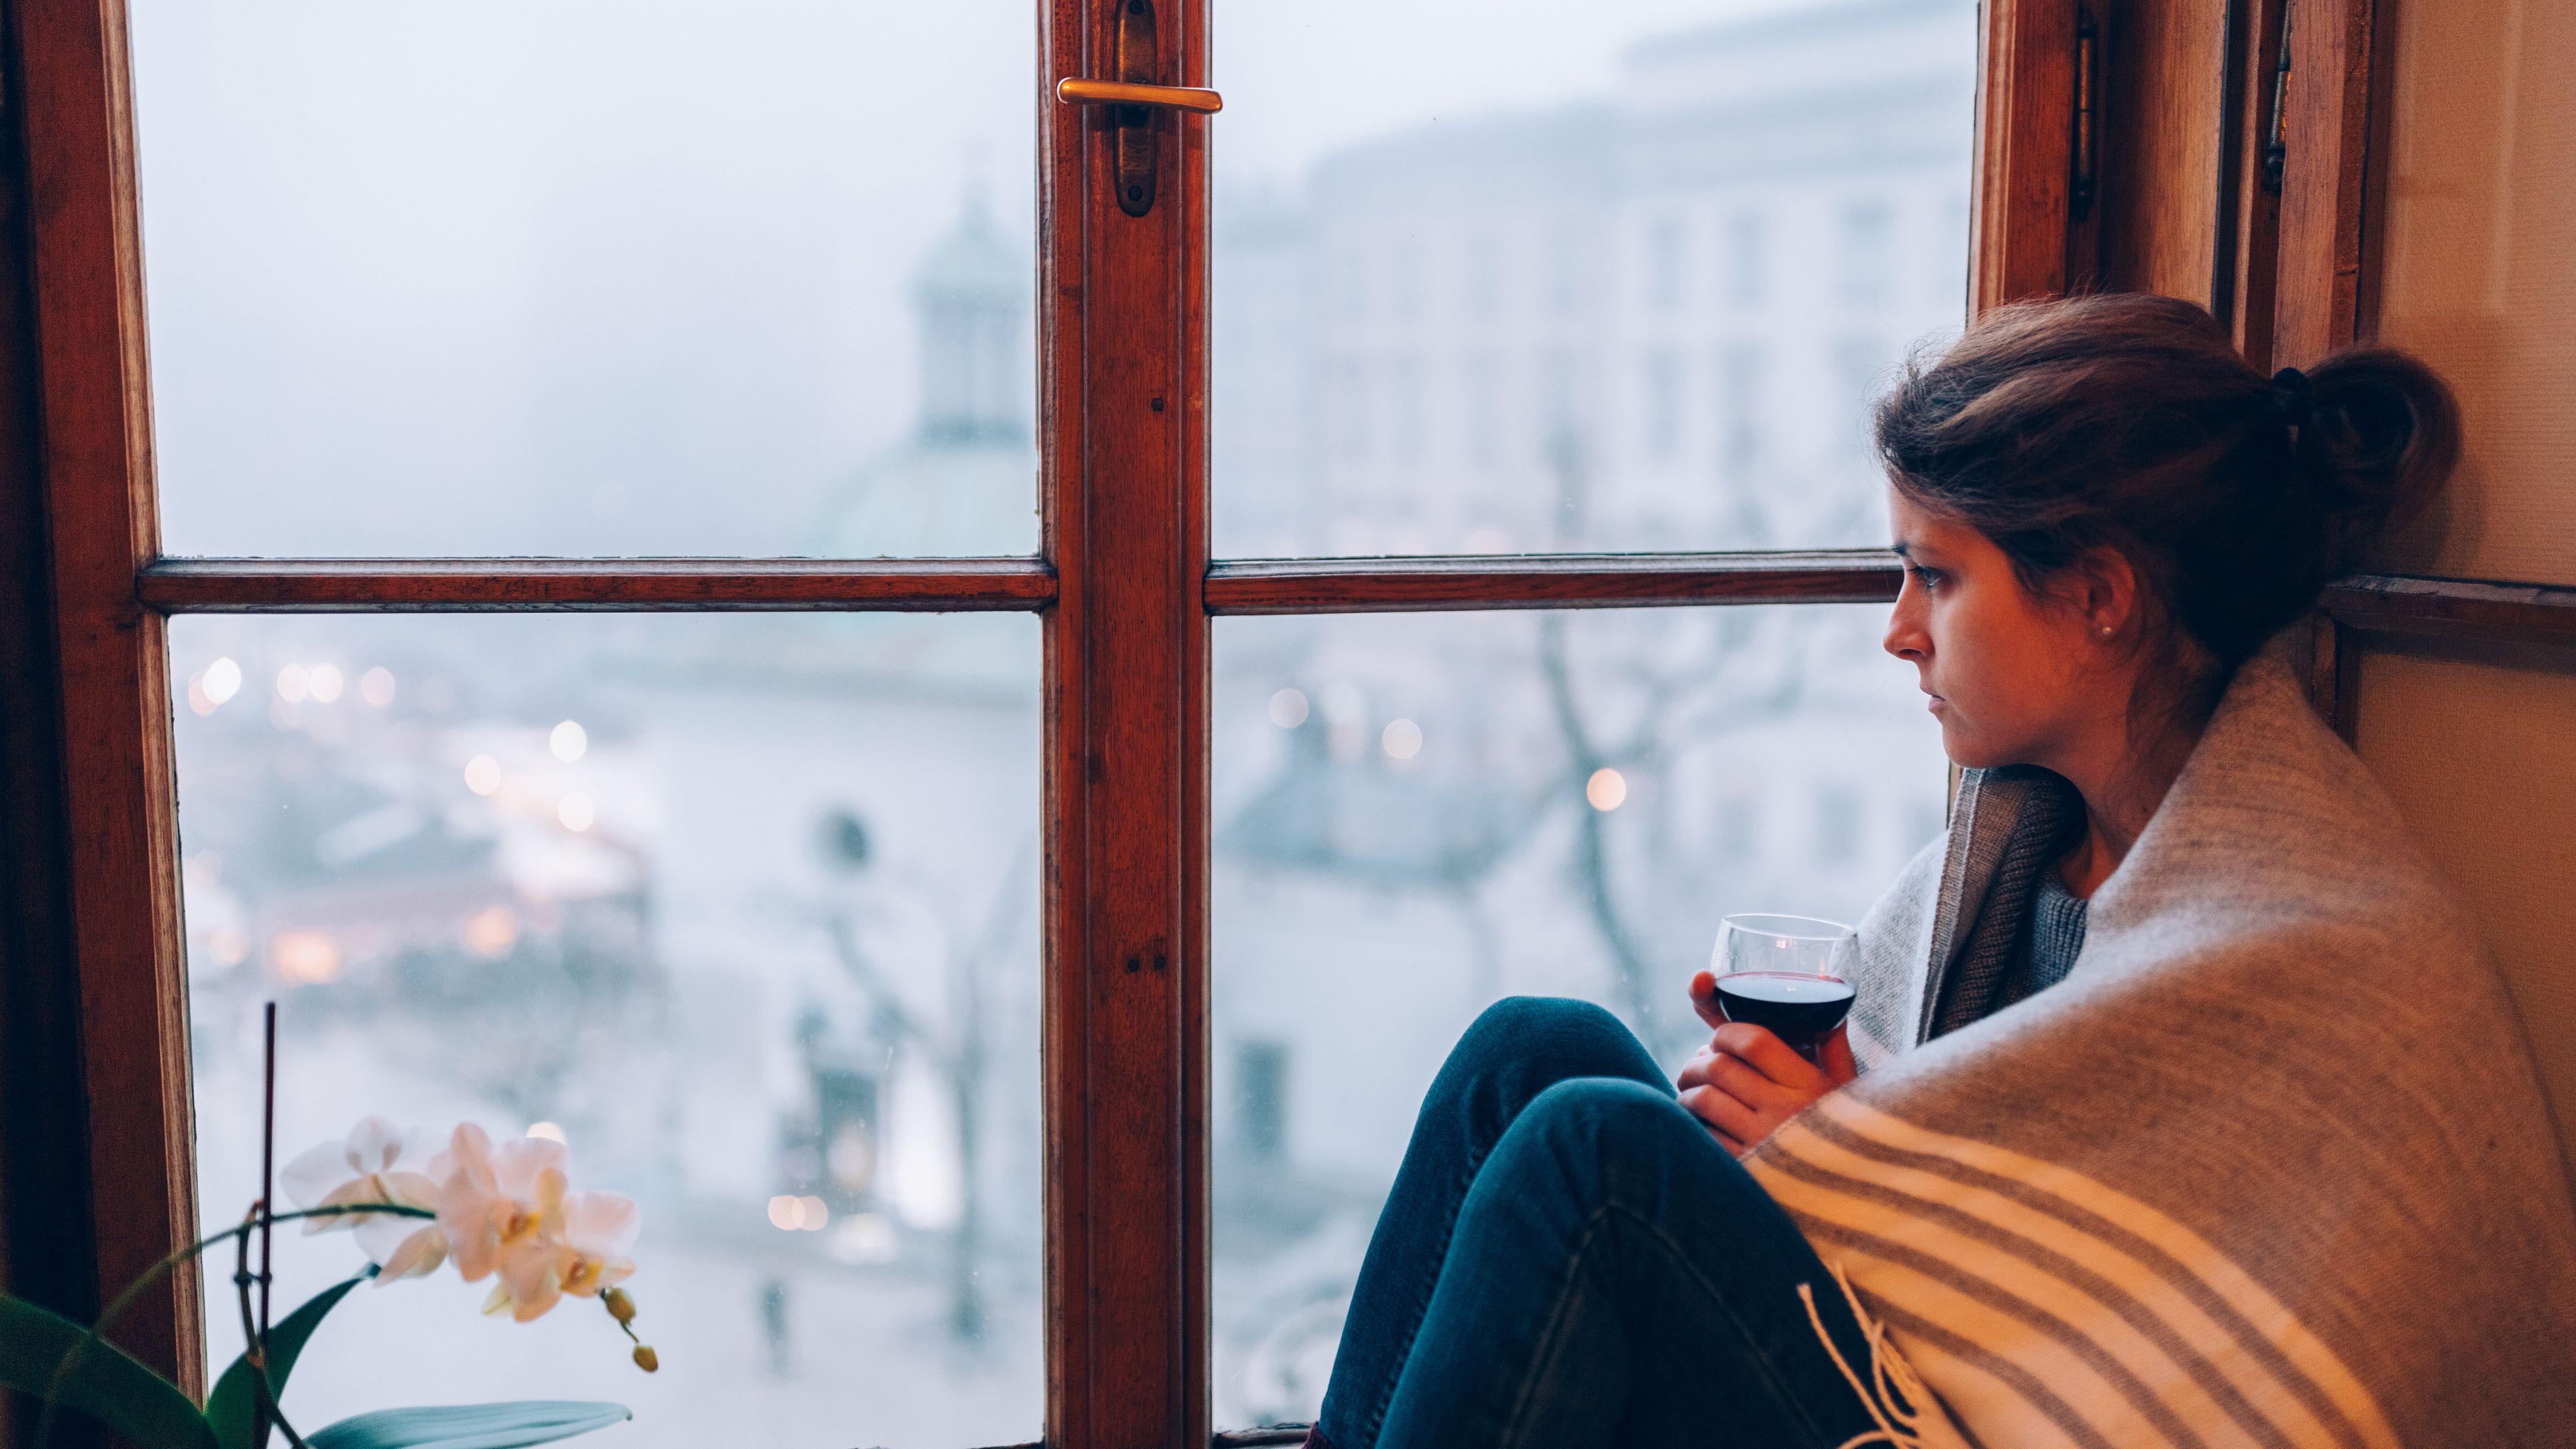 https://www.verywellmind.com/thmb/2NToVDJjTniuwmnwlixxEaY0IQg=/3865x2174/smart/filters:no_upscale()/depressed-woman-sitting-near-the-window-636327934-5891f6185f9b5874ee89360b.jpg